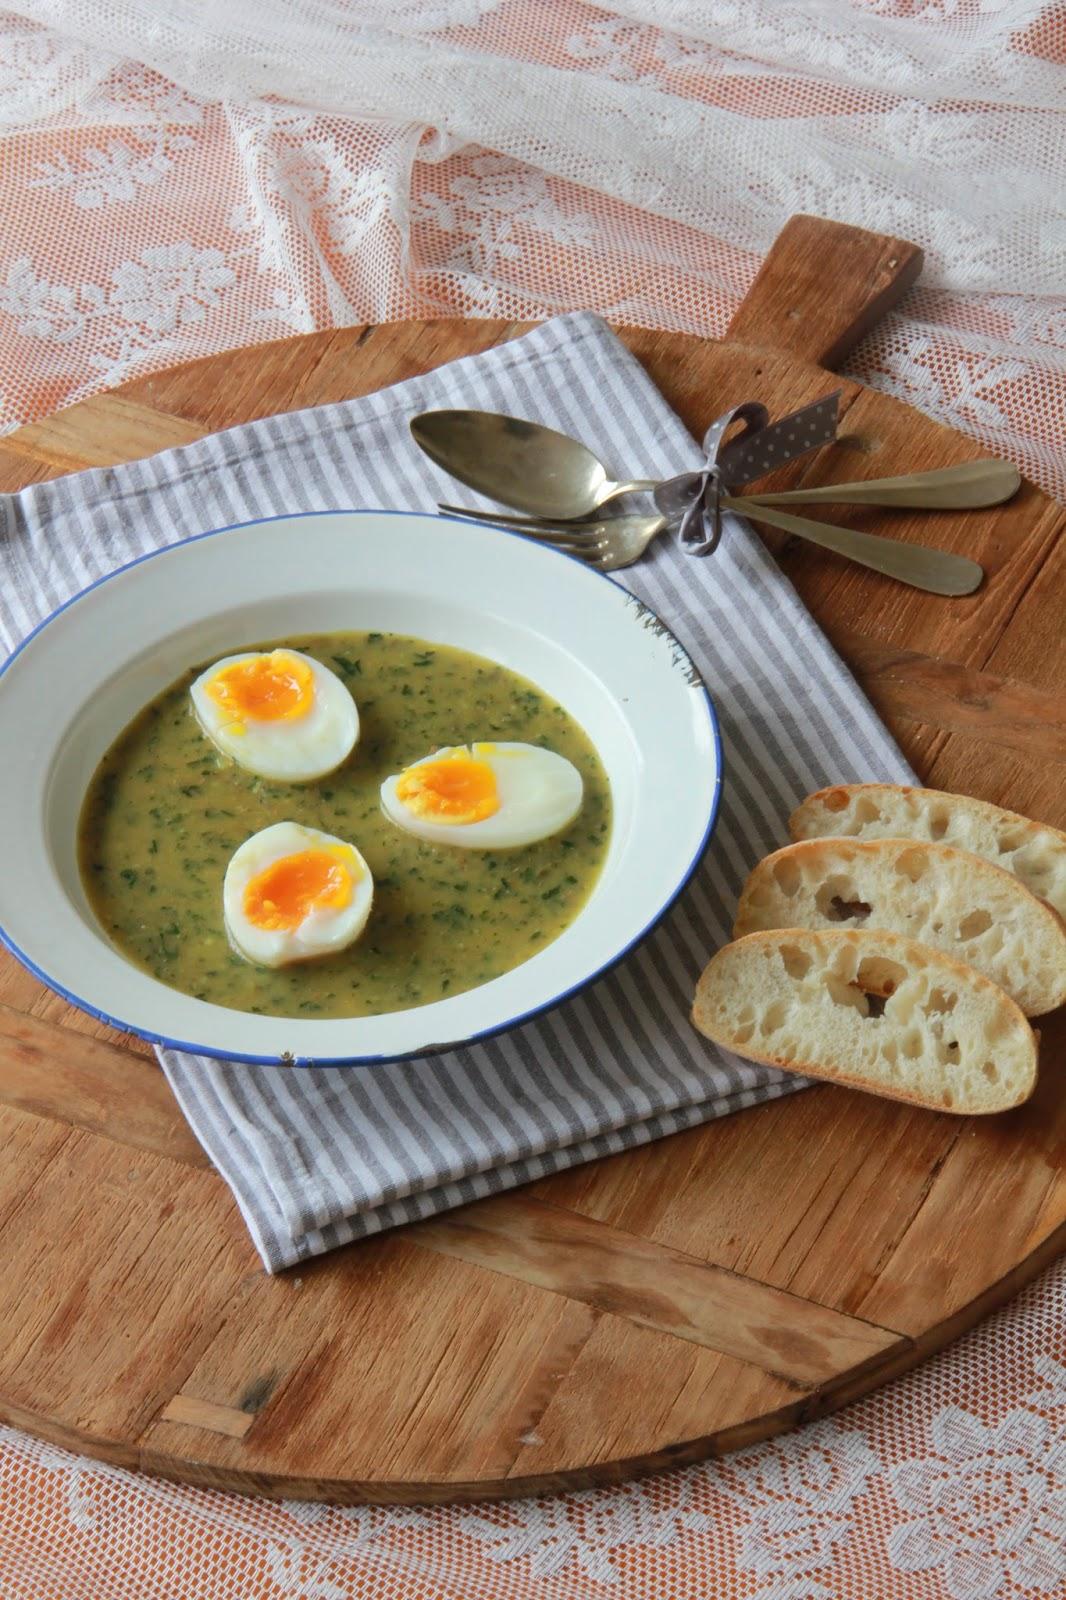 Paasbrunch - zacht gekookte eieren met salsa verde - www.desmaakvancecile.com